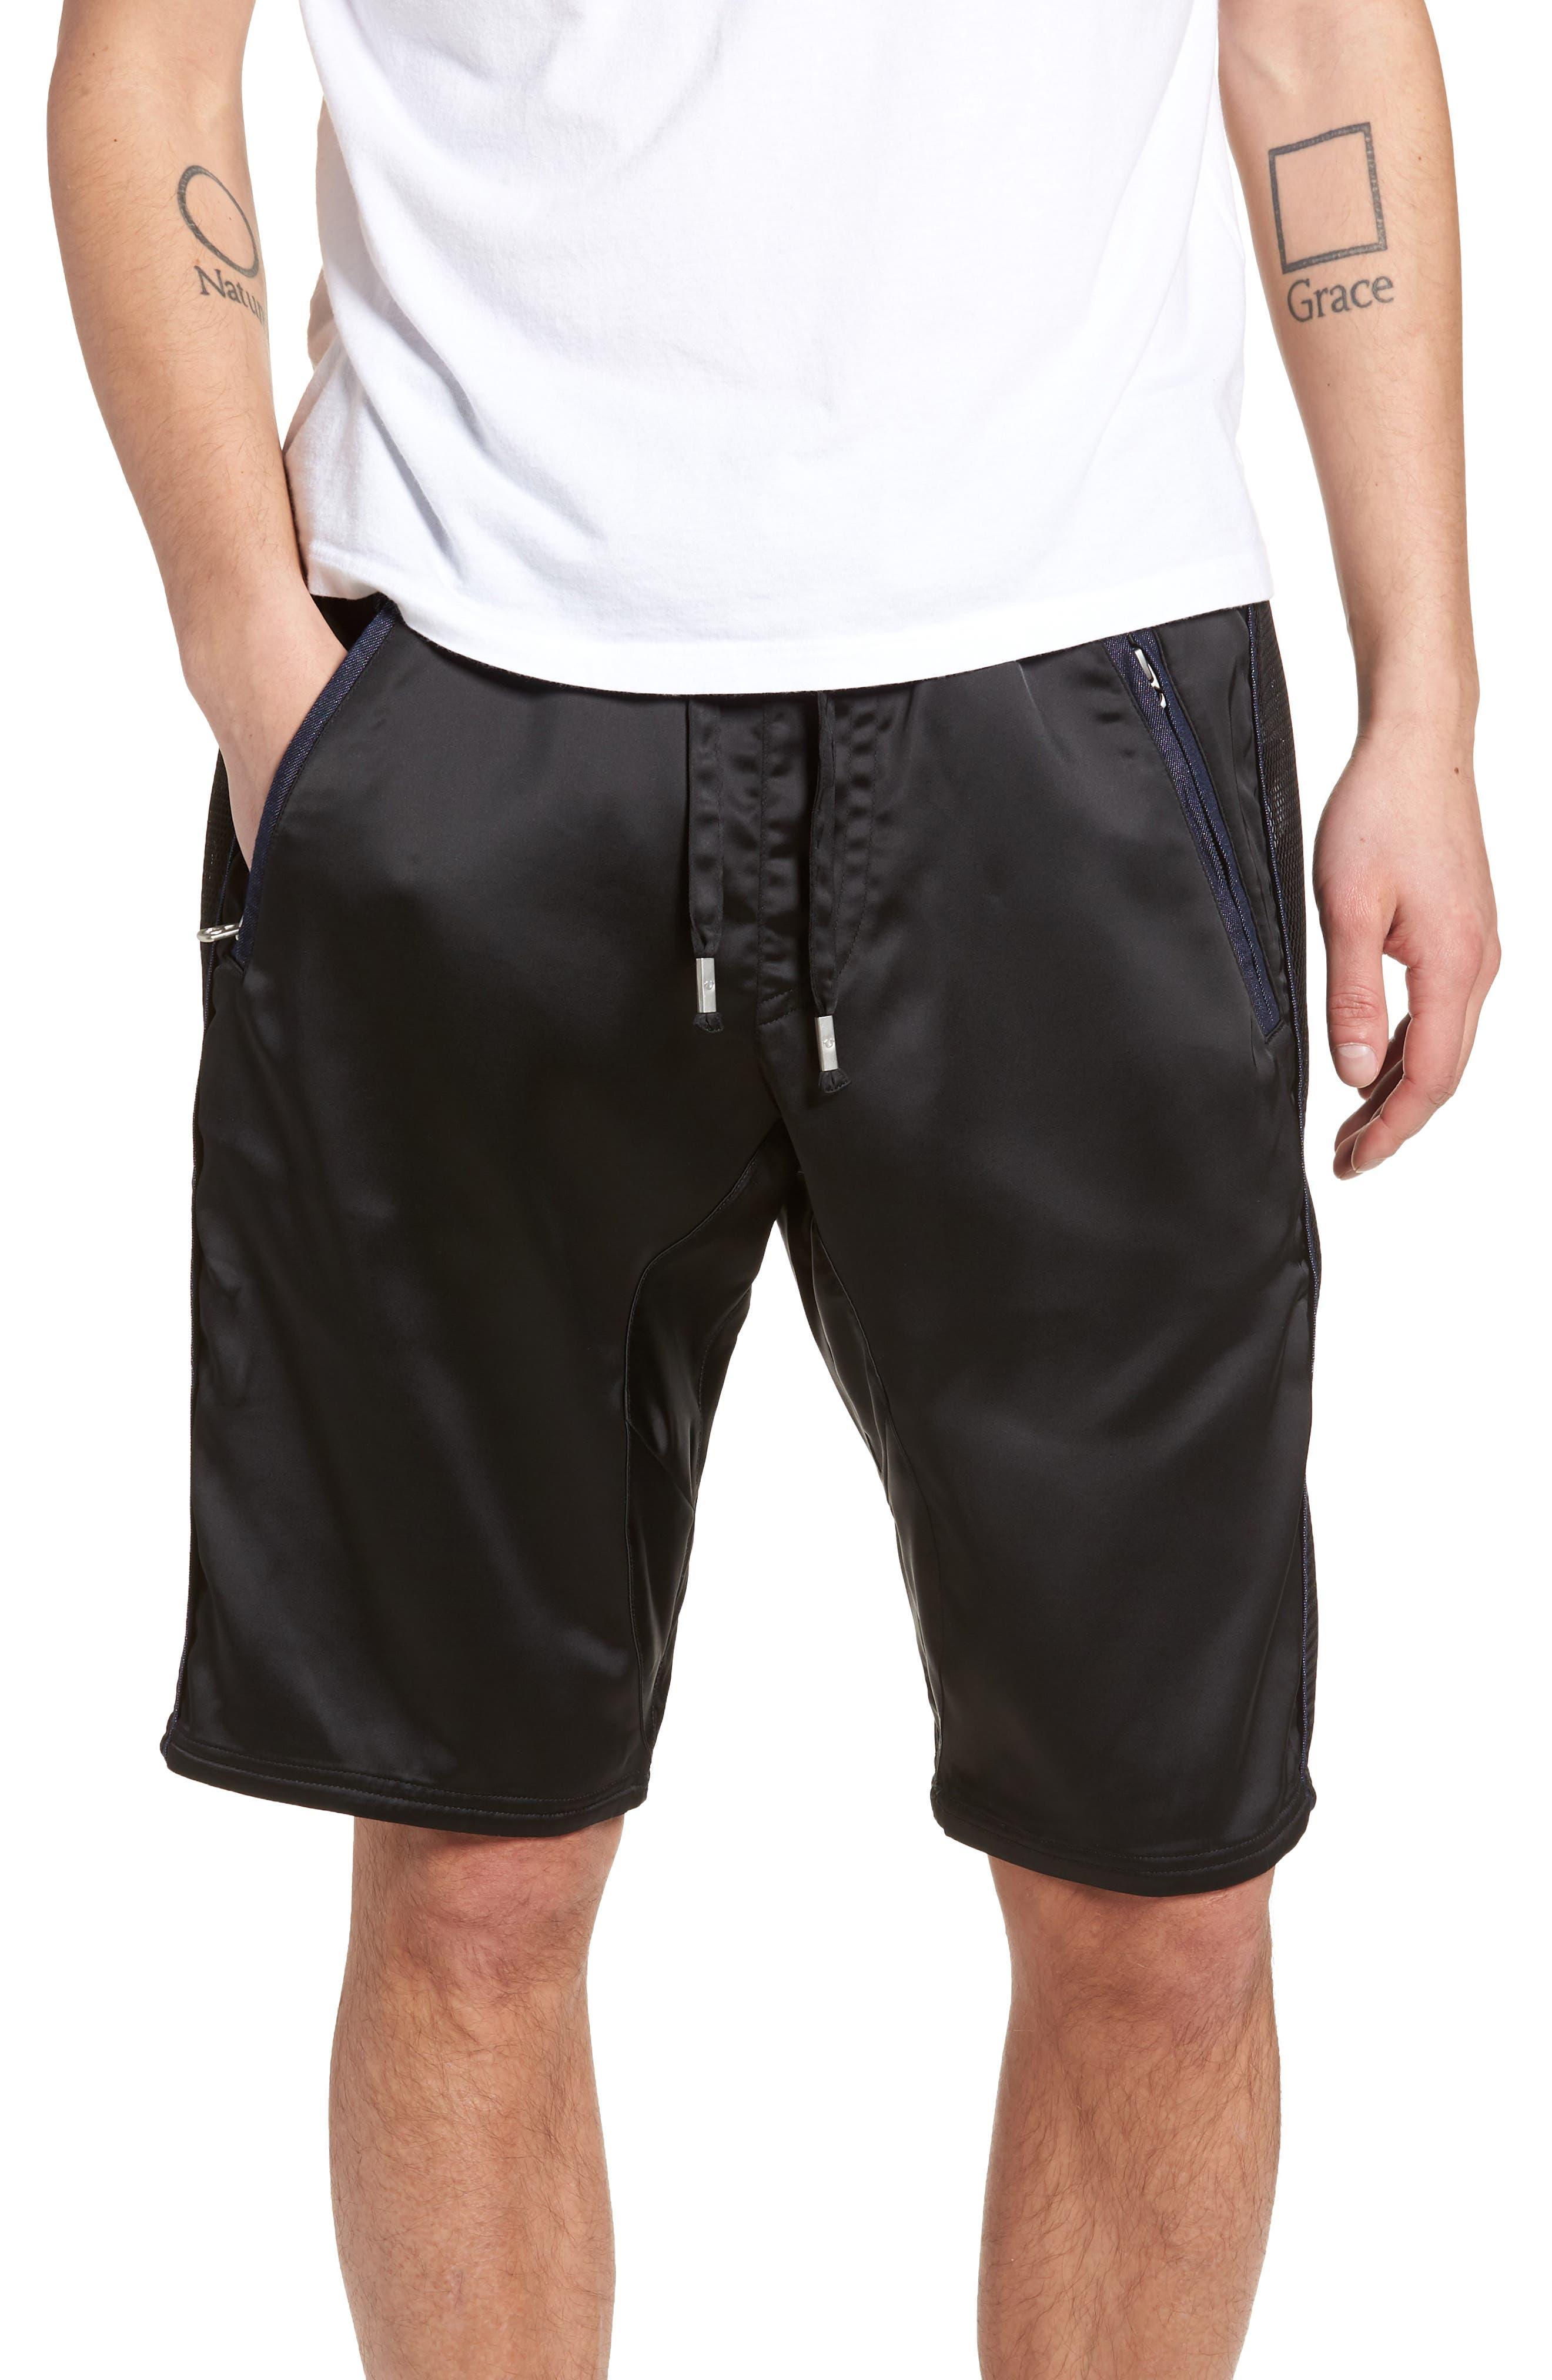 Satin Shorts,                             Main thumbnail 1, color,                             Black